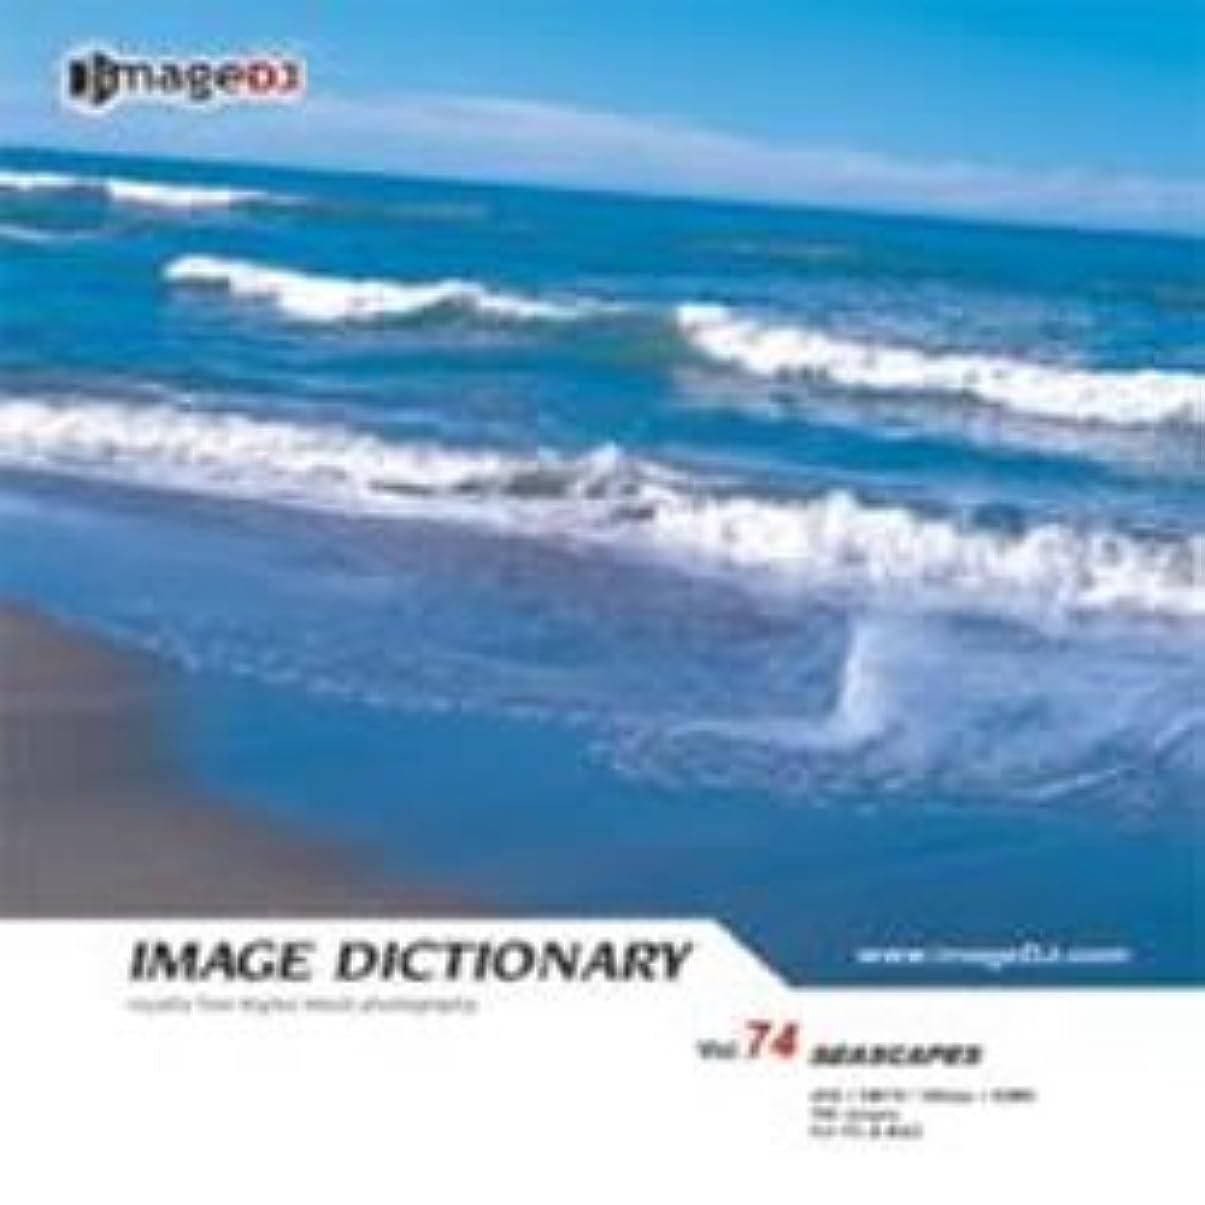 指令懸念取り付けイメージ ディクショナリー Vol.74 海景